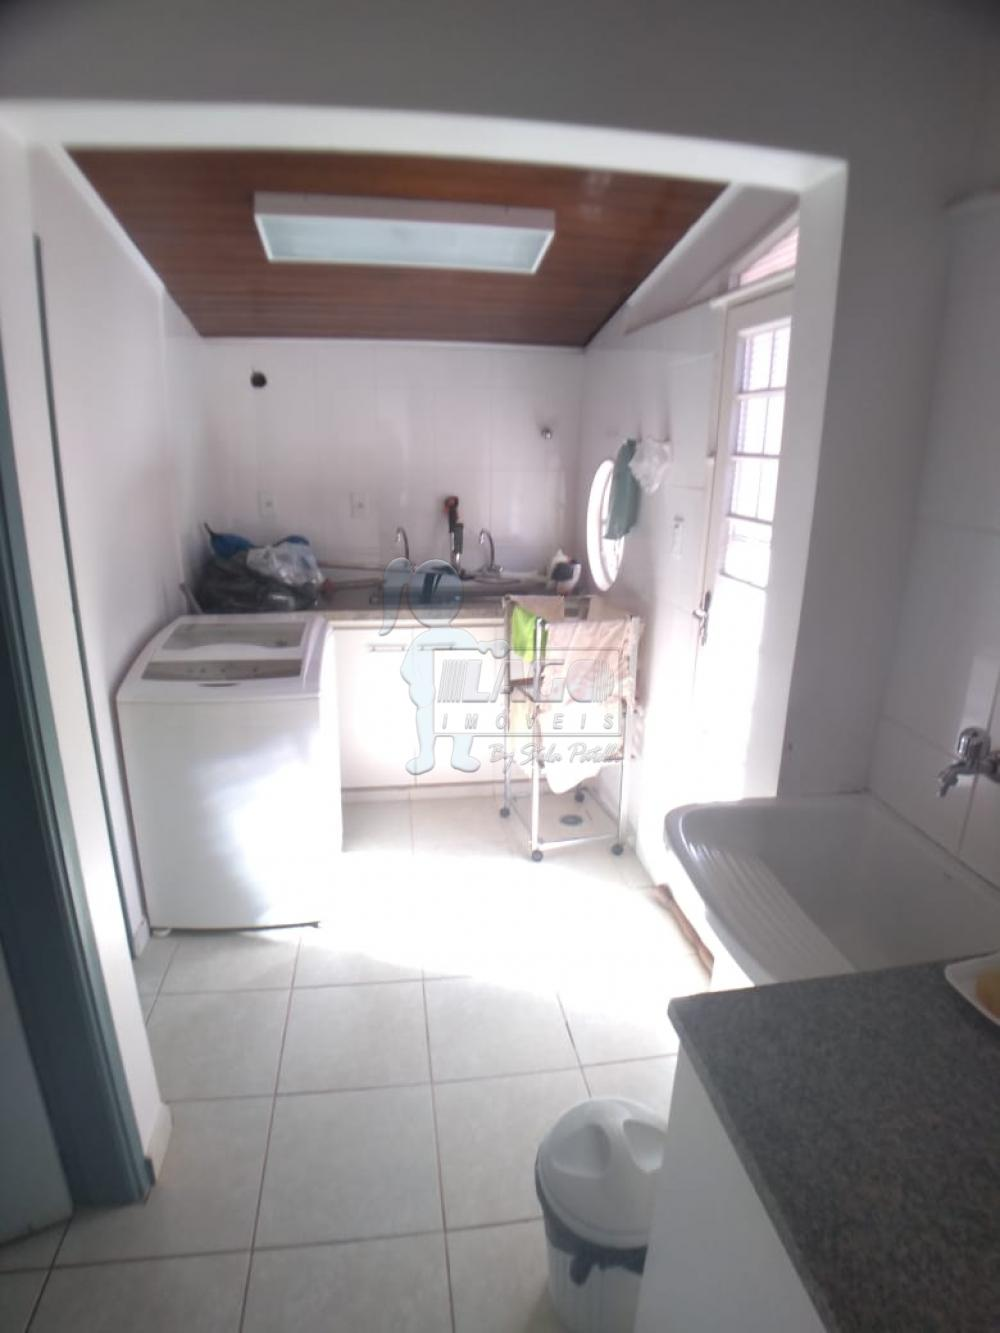 Alugar Comercial / Imóvel Comercial em Ribeirão Preto apenas R$ 4.500,00 - Foto 10